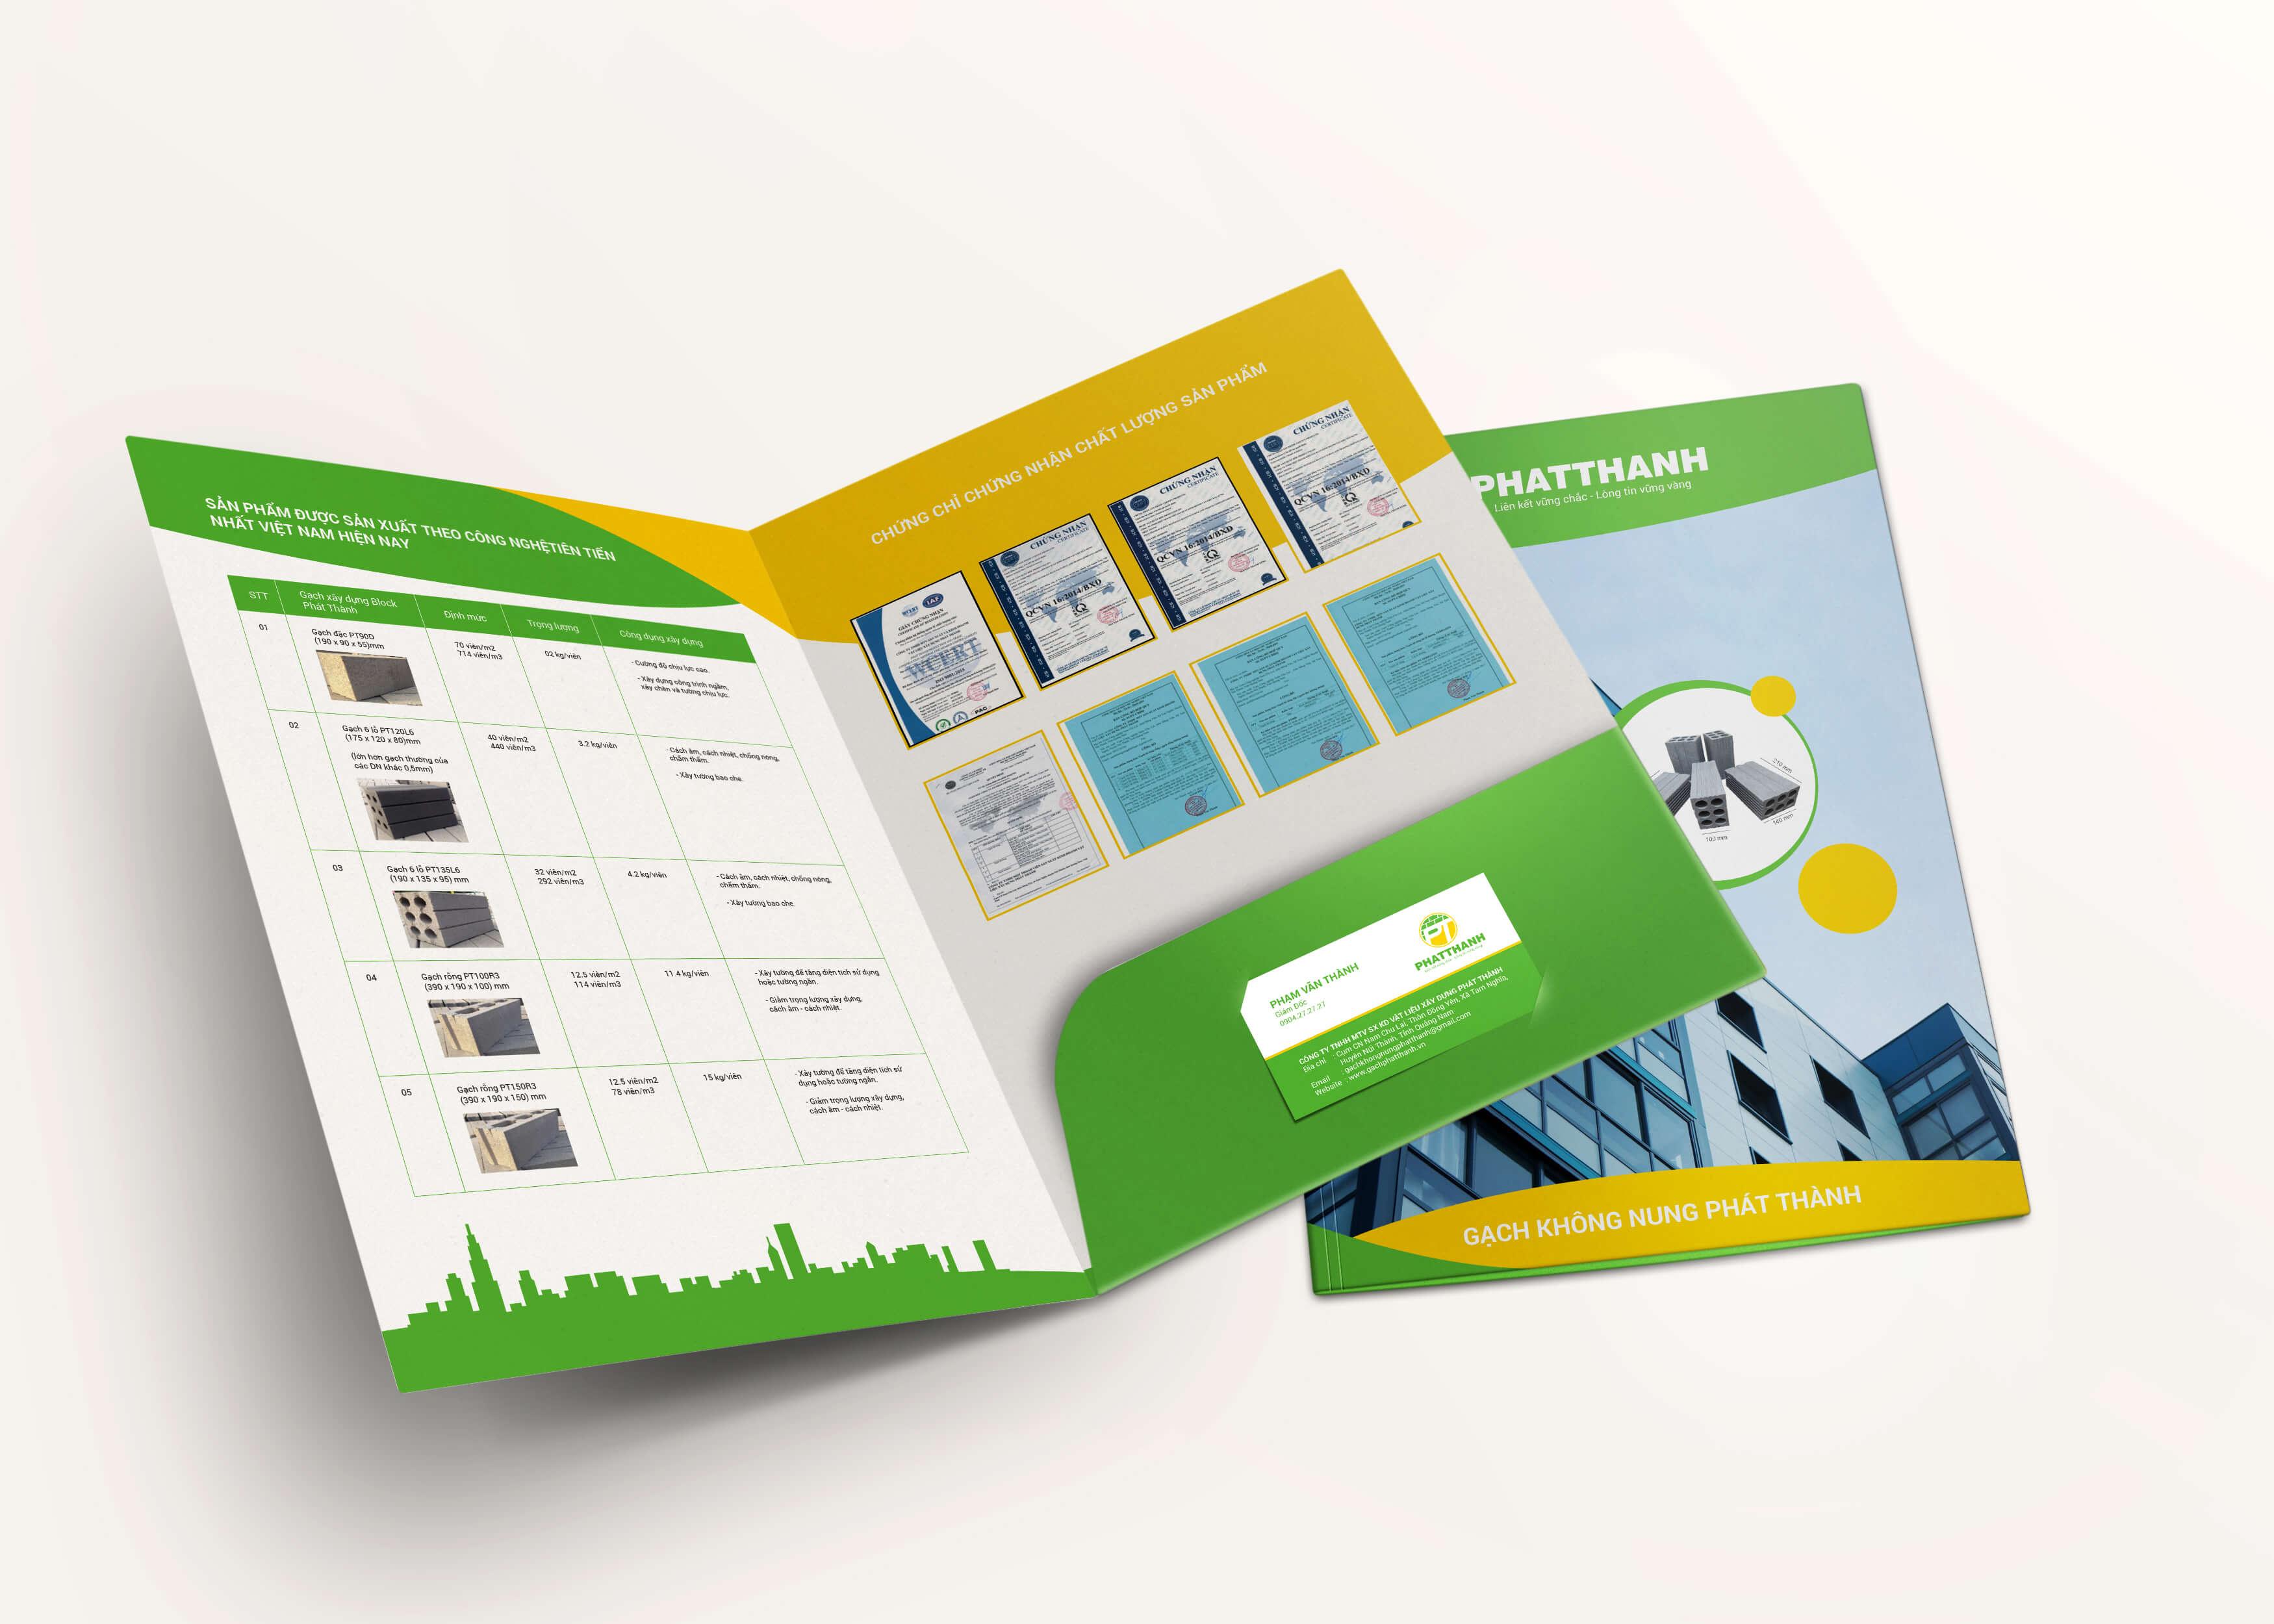 Folder mat trong - Bộ nhận diện thương hiệu _ bước đầu tạo nên thương hiệu cho công ty